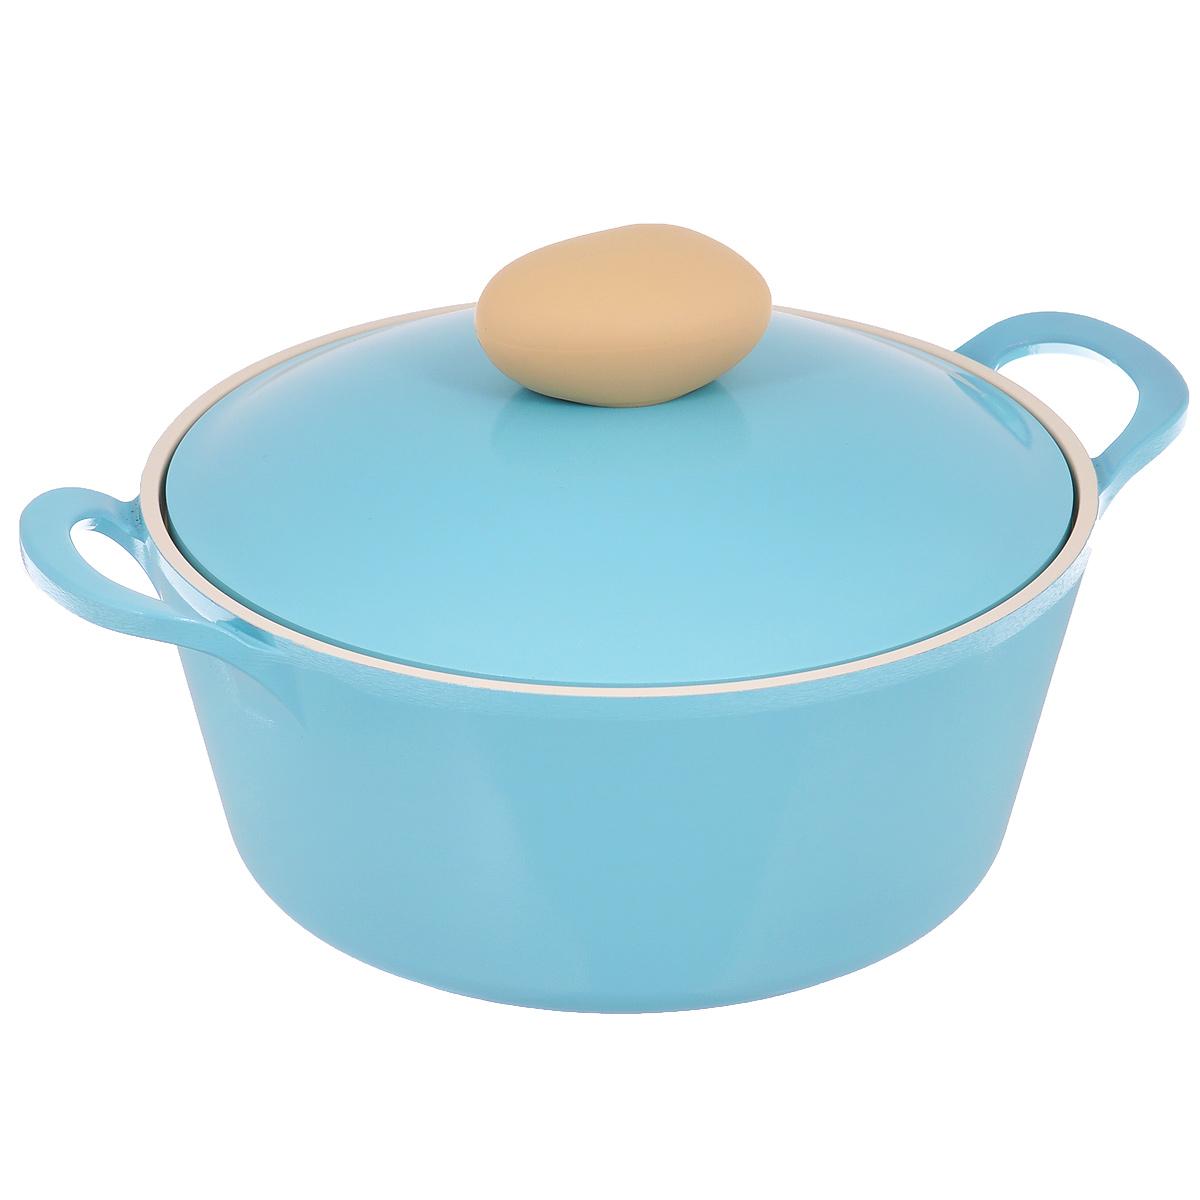 Кастрюля Frybest Round с крышкой, с керамическим покрытием, цвет: голубой, 2,8 лROUND C22-BКастрюля Frybest Round выполнена из алюминия с внутренним и внешним керамическим покрытием Ecolon Superior. Такое покрытие устойчиво к повреждениям и не содержит вредных компонентов, так как изготовлено из натуральных материалов. Кастрюля оснащена удобными литыми алюминиевыми ручками и крышкой с пароотводом и прорезиненной ручкой из высококачественного пластика. Коллекция Round - это сочетание непревзойденного качества и элегантности.Ключевые преимущества:- Литой алюминиевый корпус хорошо проводит тепло и равномерно нагревается, обеспечивая наиболее эффективное приготовление пищи,- Крепления ручек не имеют заклепок на внутренней стороне посуды,- Внешнее и внутреннее покрытие устойчиво к царапинам и повреждениям,- Покрытие абсолютно нейтрально и не вступает в реакцию с пищей,- Легко моется,- Утолщенное дно для лучшего распространения тепла и экономии энергии,- Благодаря равномерно прогревающейся алюминиевой крышке в процессе приготовления блюд создается эффект томления, еда готовится быстрее и приобретает более насыщенный вкус и аромат,- Встроенный в крышку пароотвод предотвращает выкипание,- Уникальная технология напыления стальных частиц на дно изделия,- Не содержит PFOA. Можно мыть в посудомоечной машине. Подходит для электрических, газовых и стеклокерамических плит.